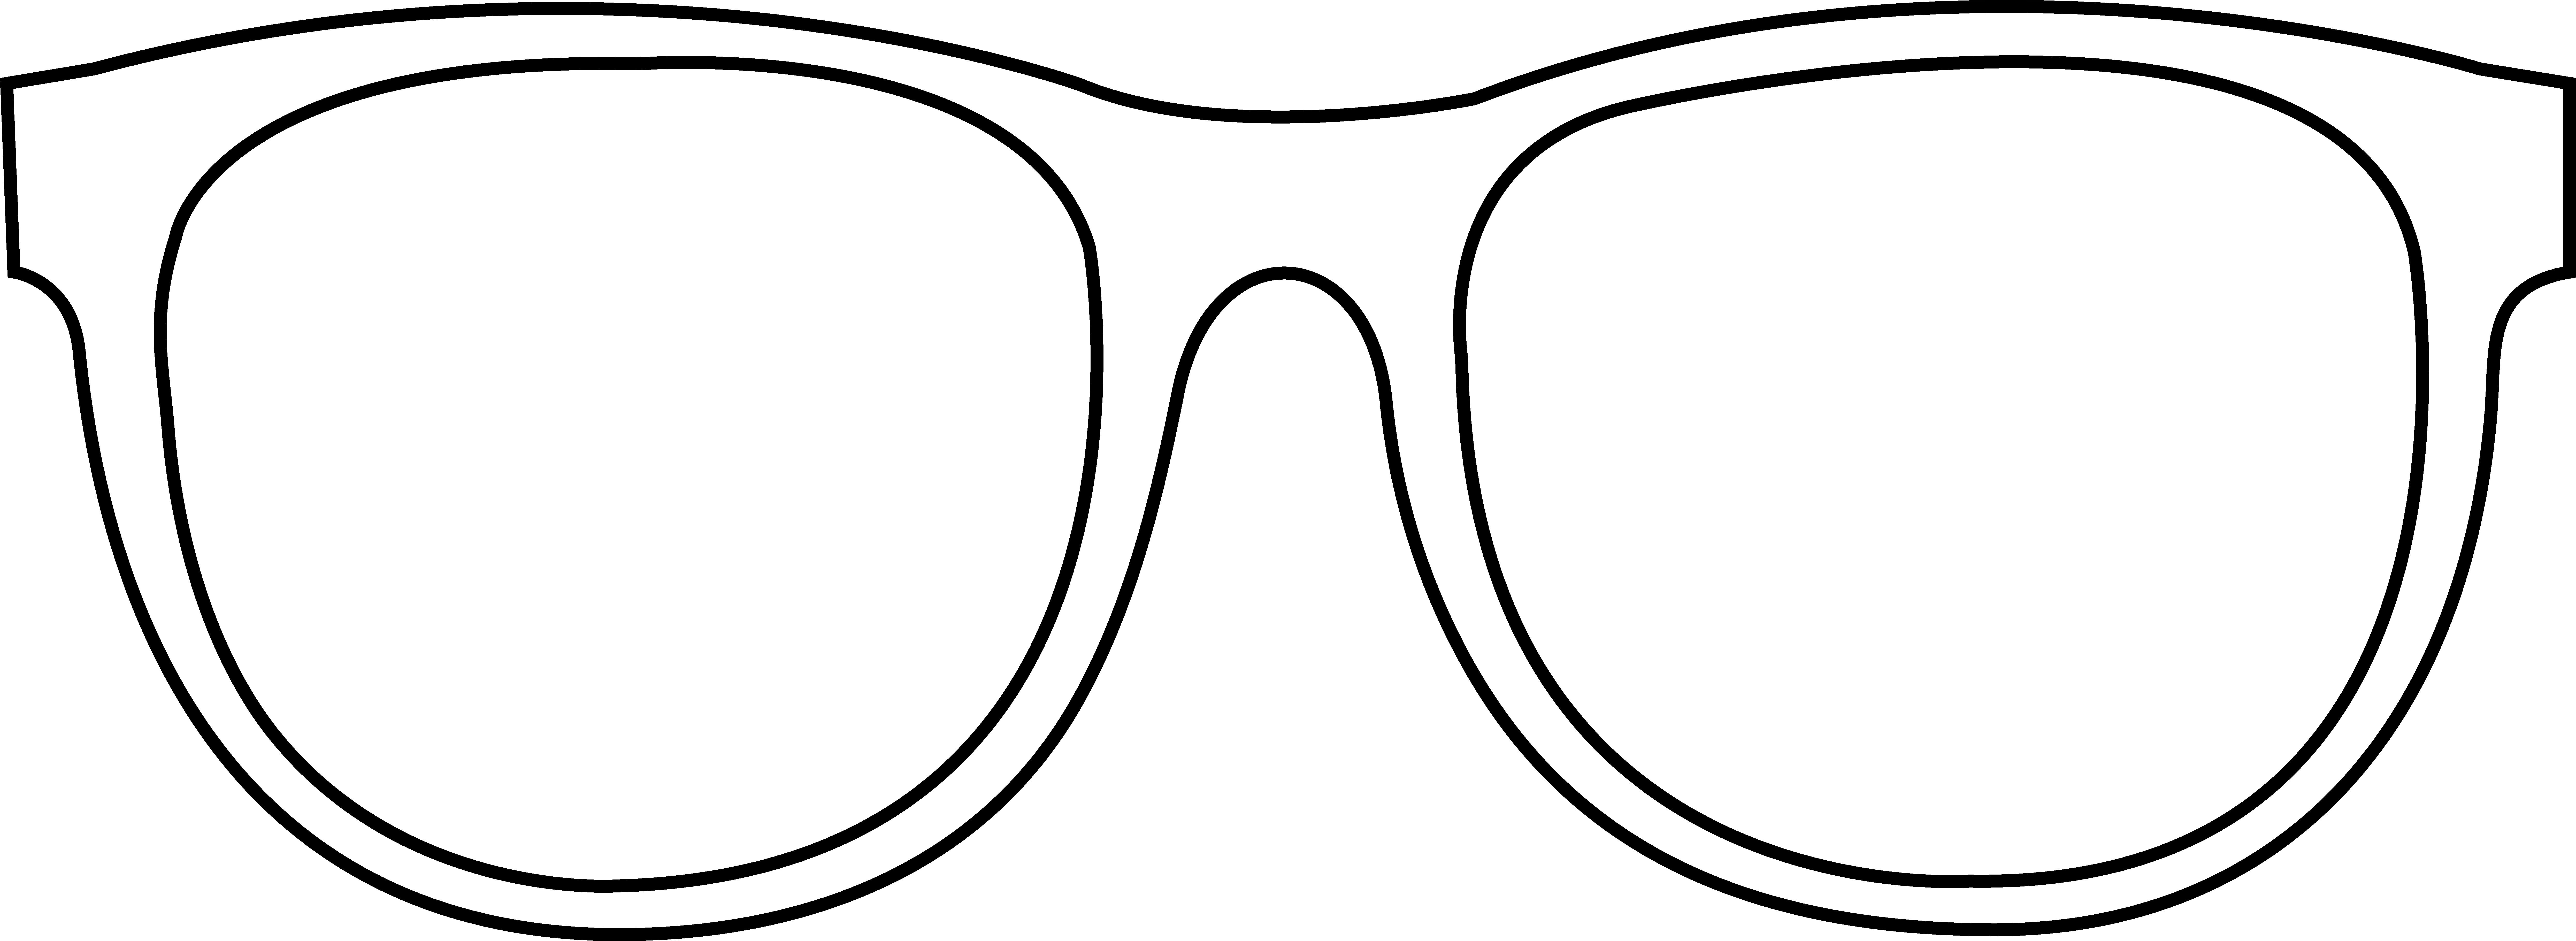 Sun glasses clipart black and white picture library stock Green Sunglasses Clipart | Clipart Panda - Free Clipart Images picture library stock